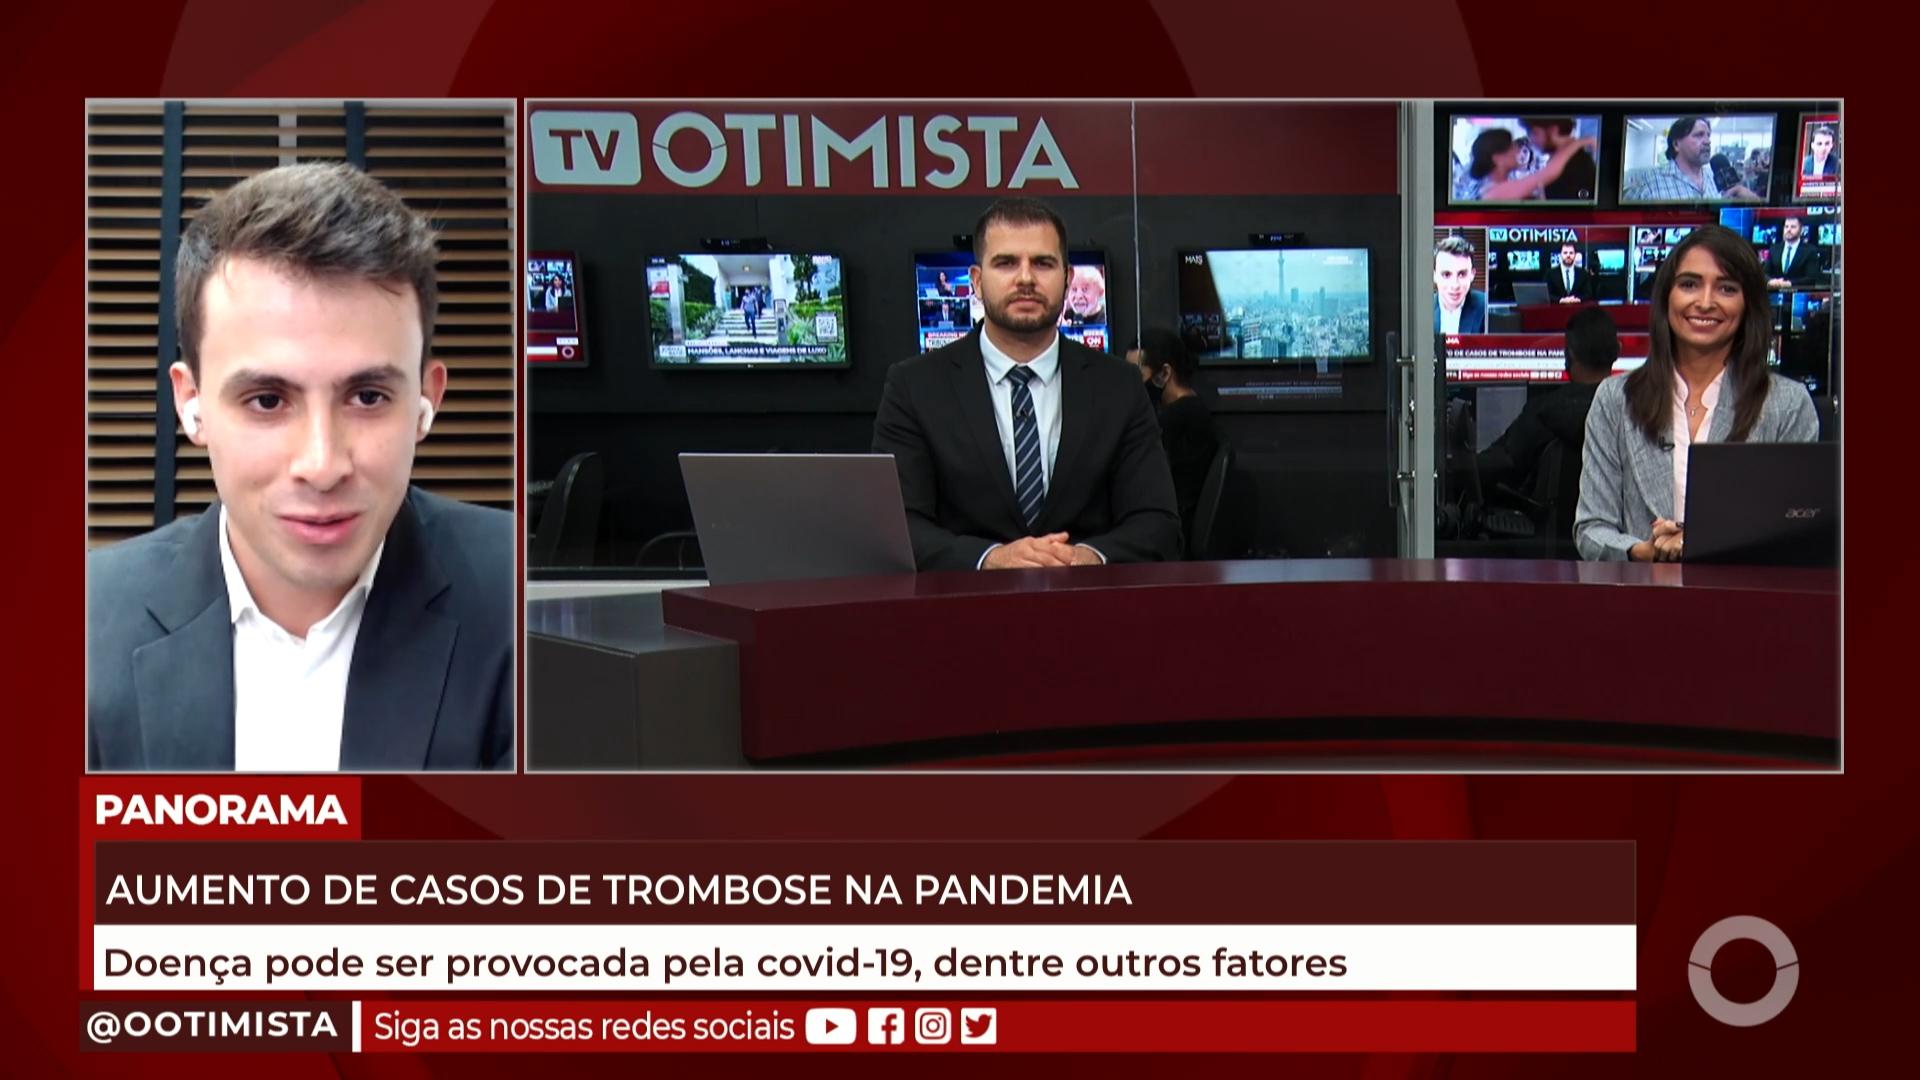 Aumento de casos de trombose na pandemia, doença pode ser provocada pela COVID-19